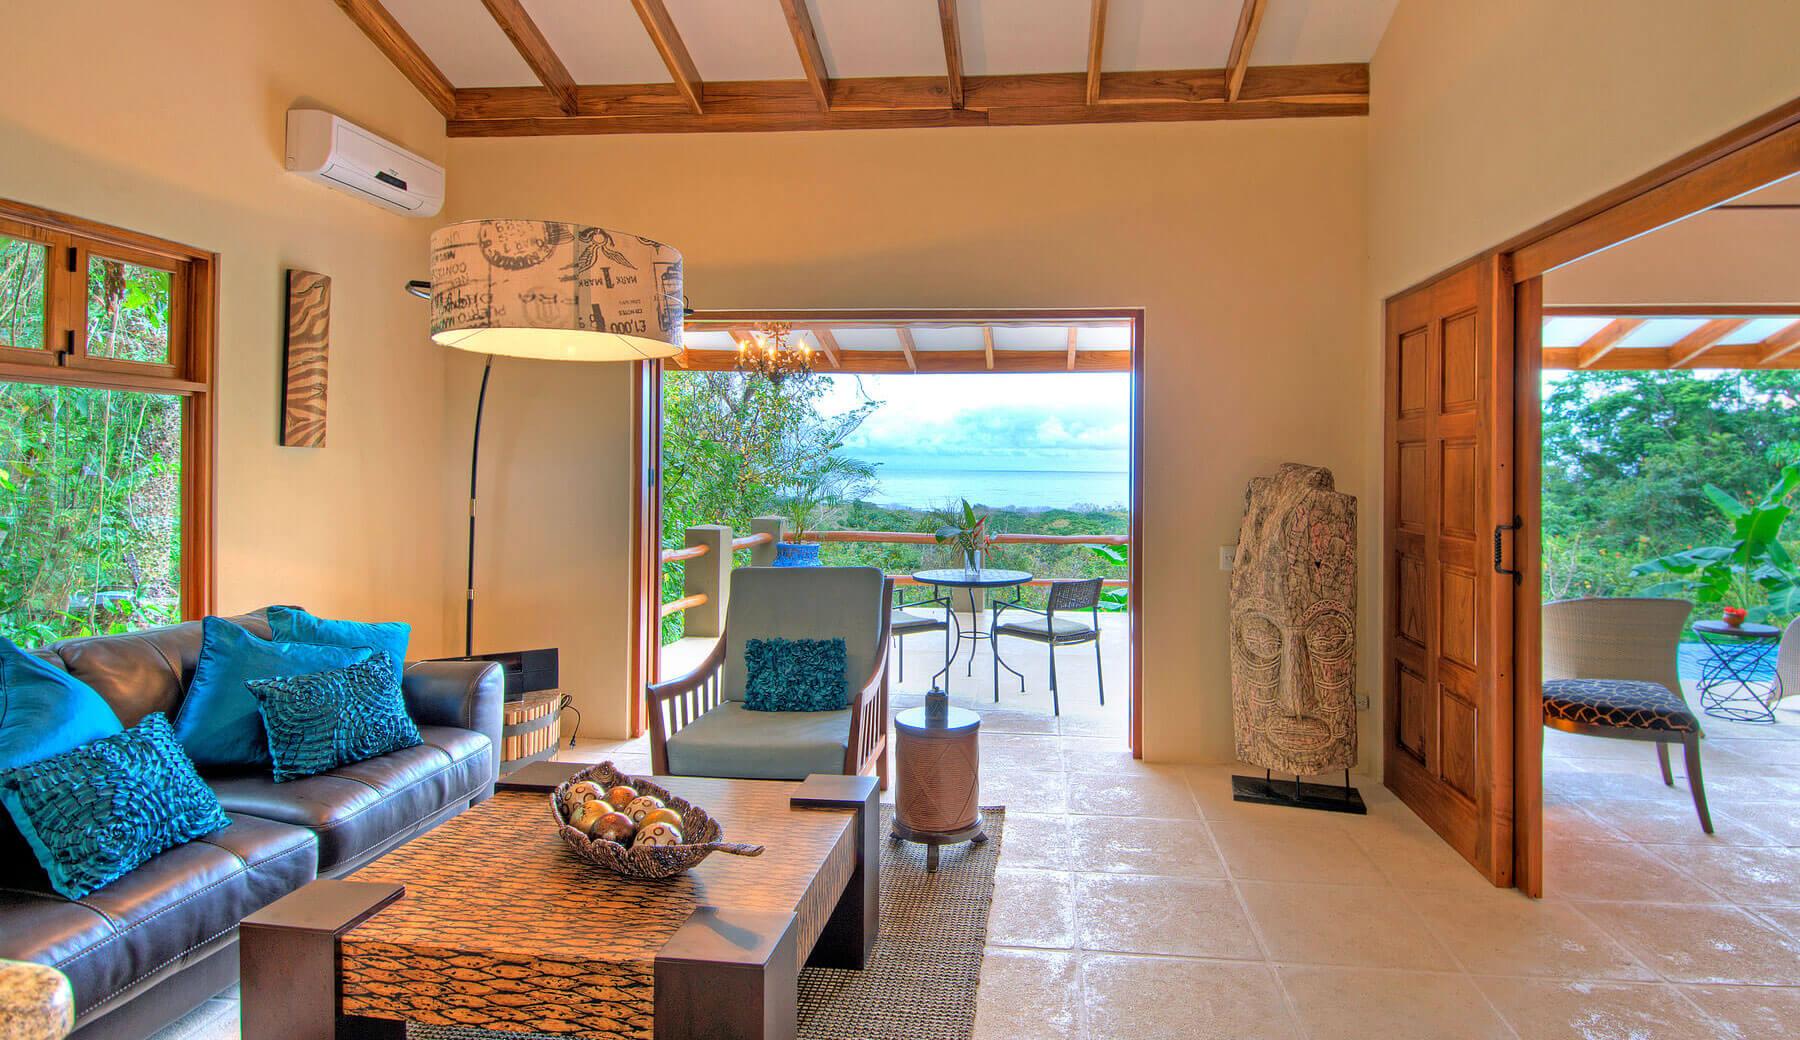 costa rica villas with private pools